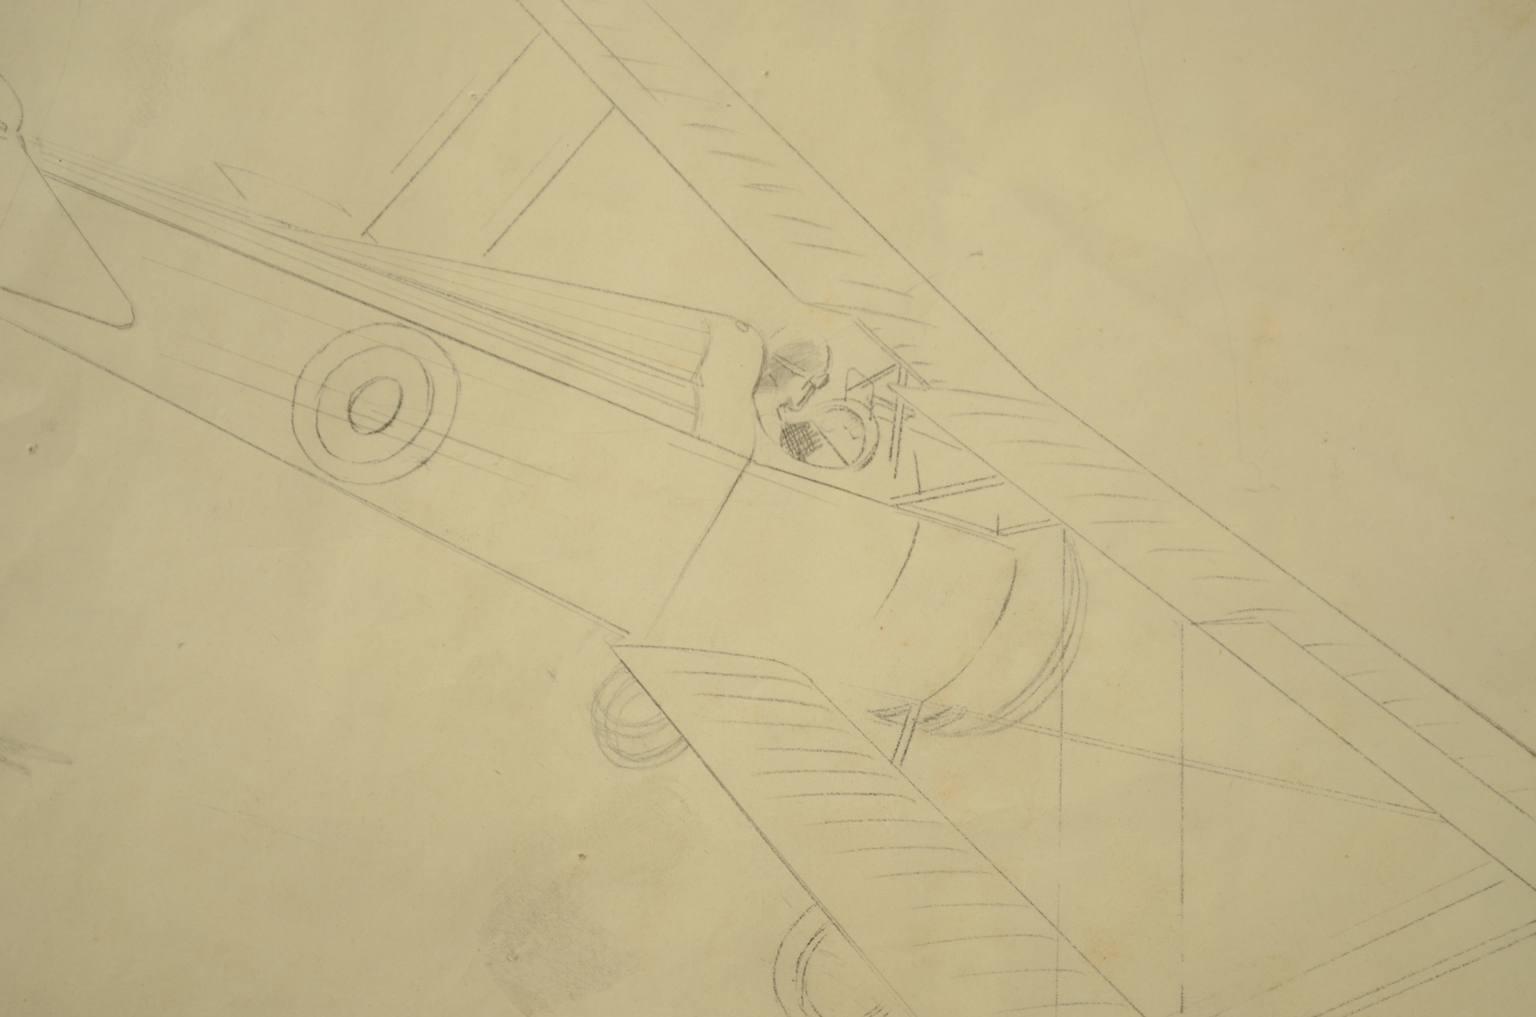 旧时的飞机/178-Hanriot Albatros